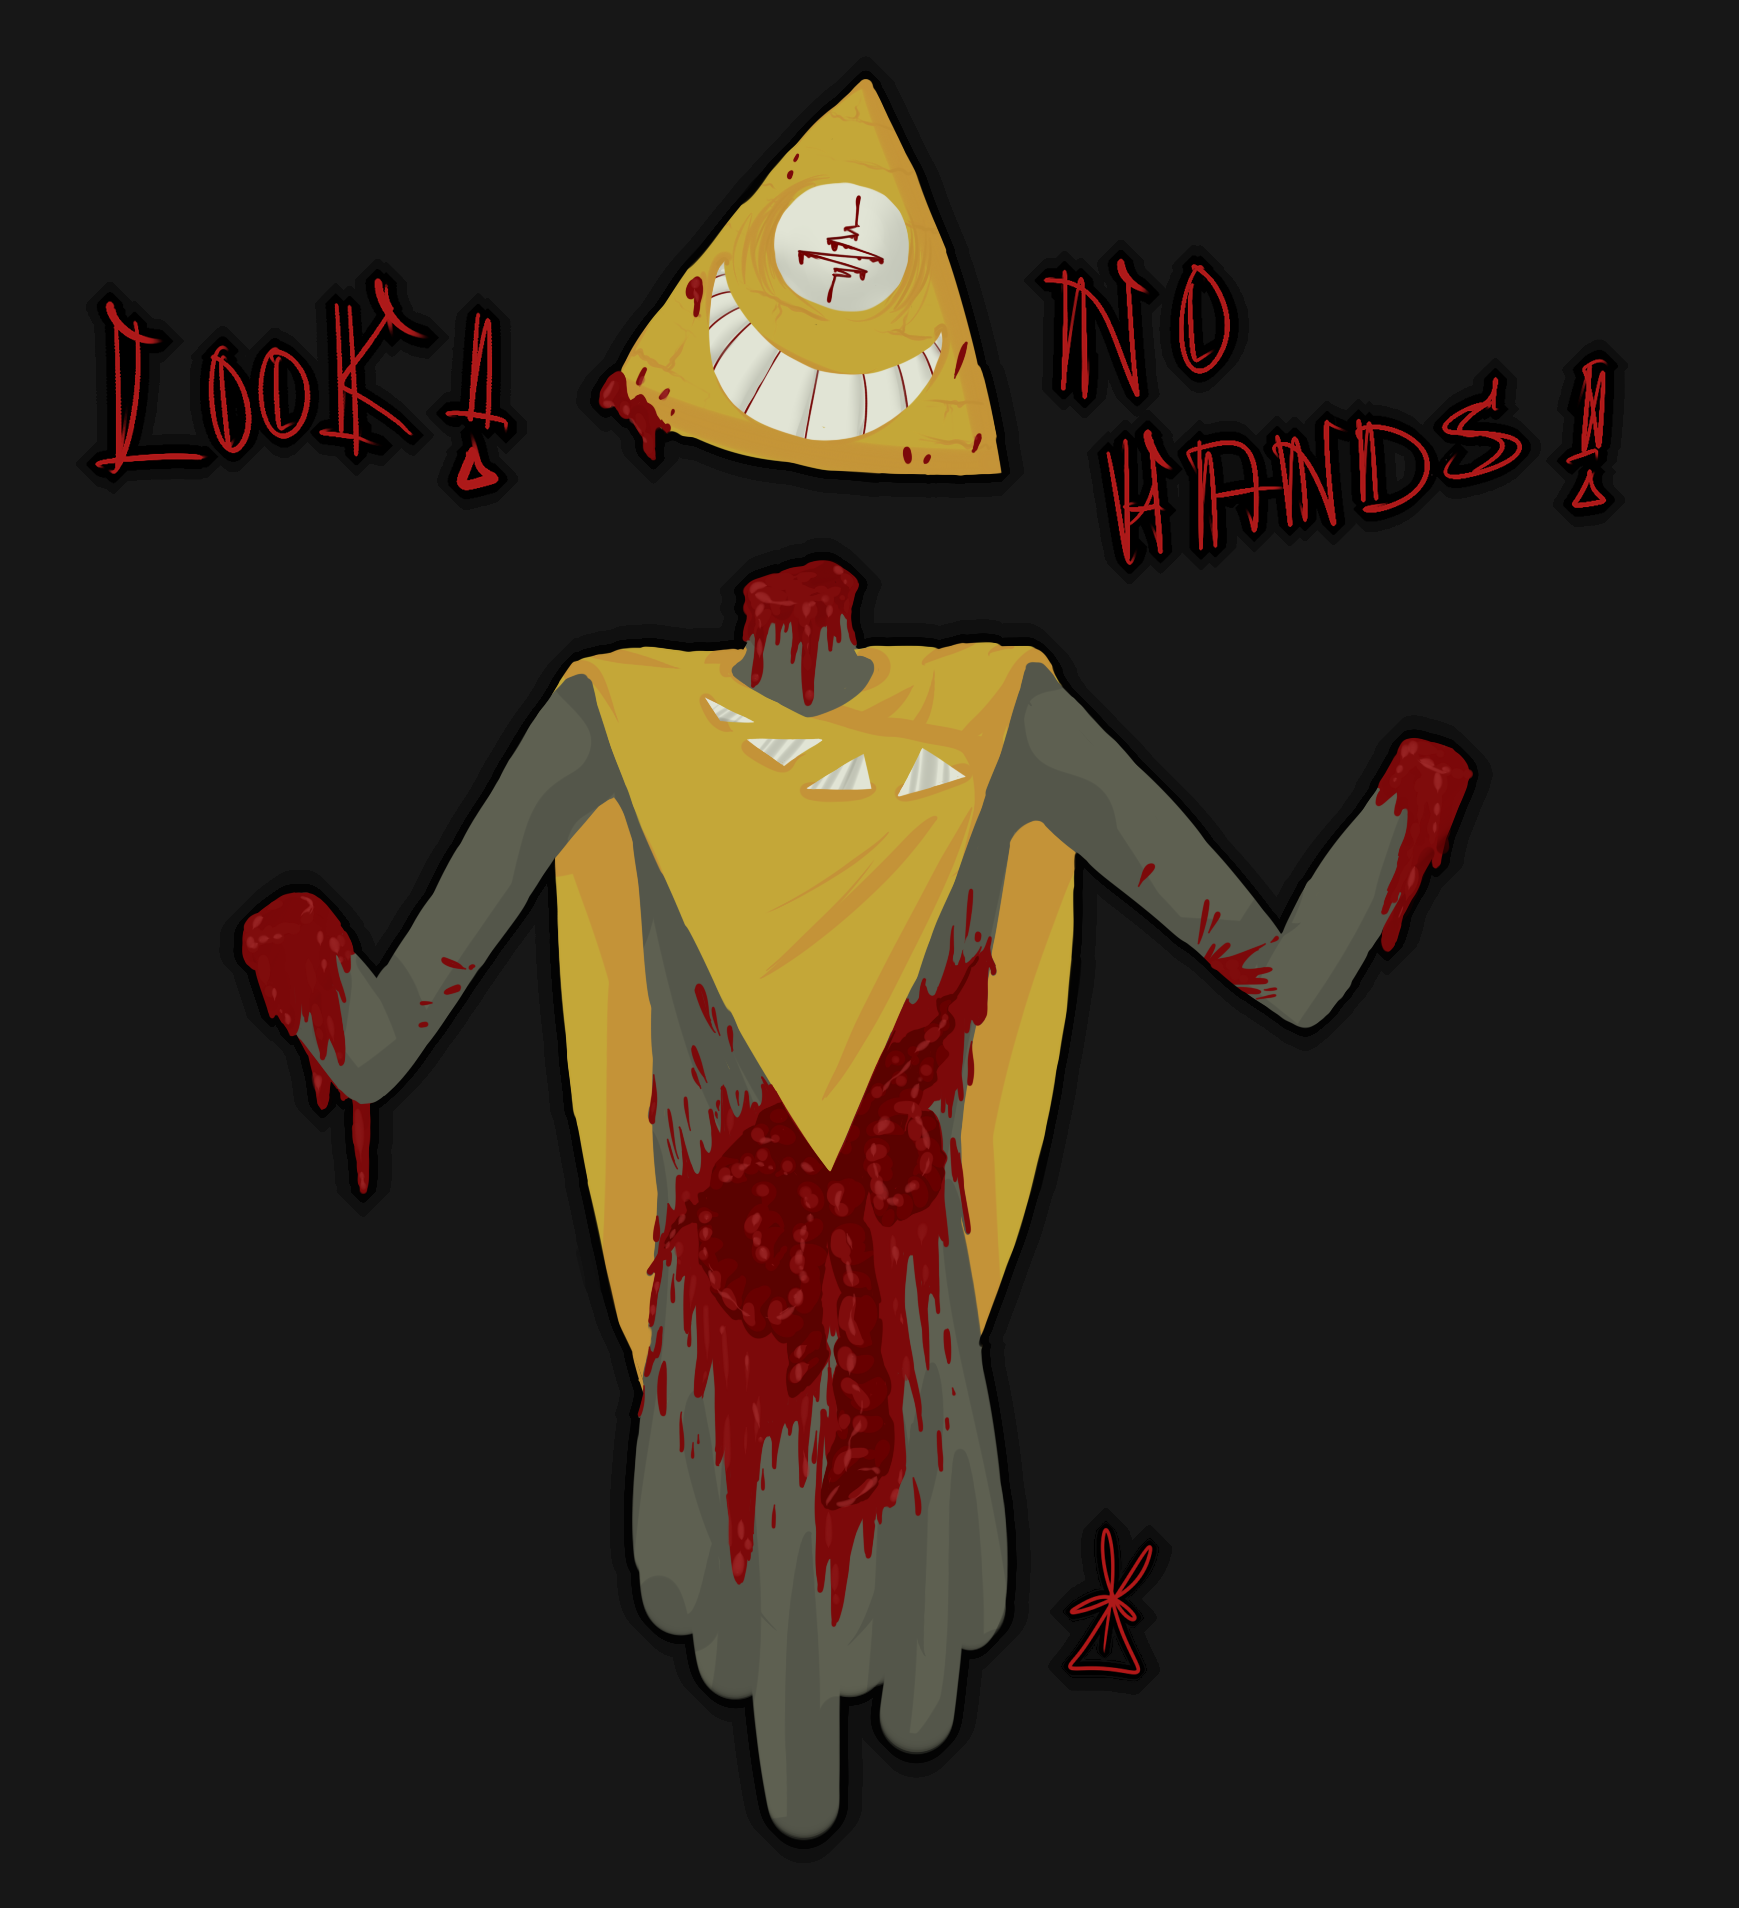 Look, no hands!